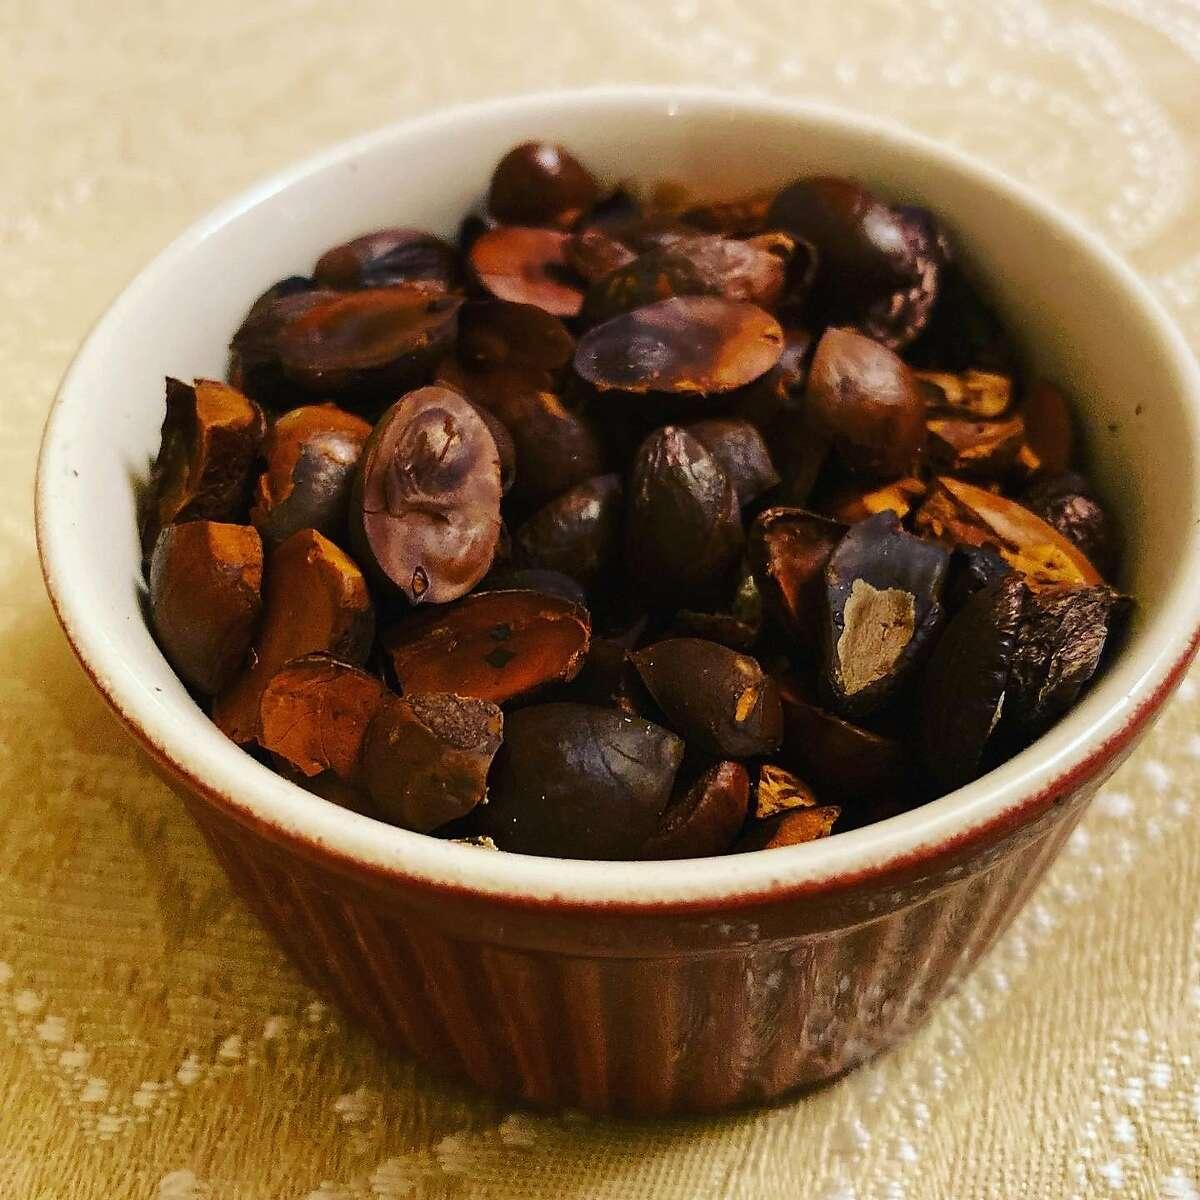 A close-up look at Bay nuts.